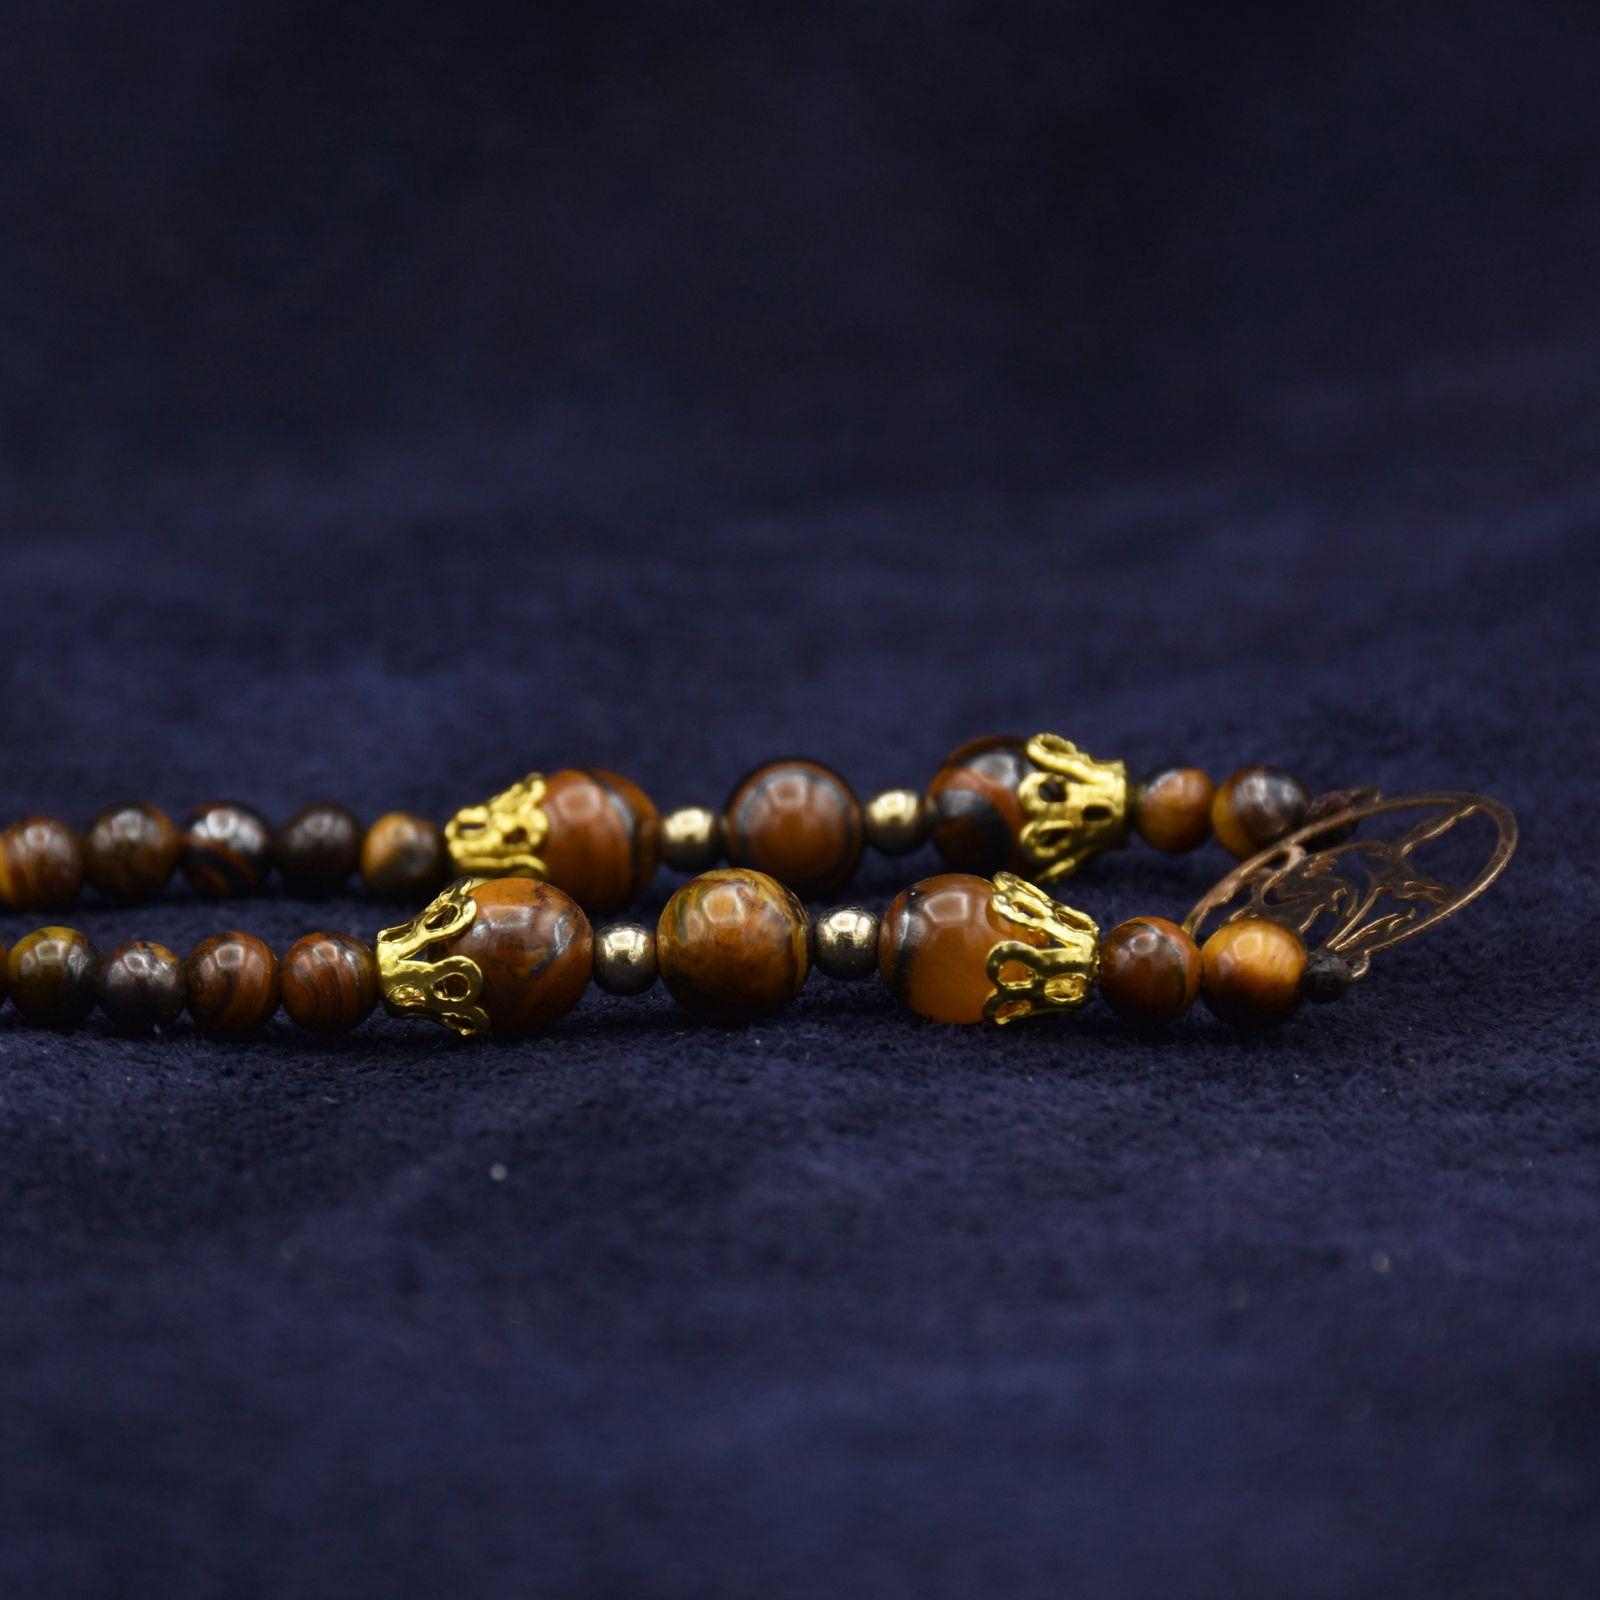 گردنبند طلا 18 عیار زنانه آمانژ کد 895D3385 -  - 3